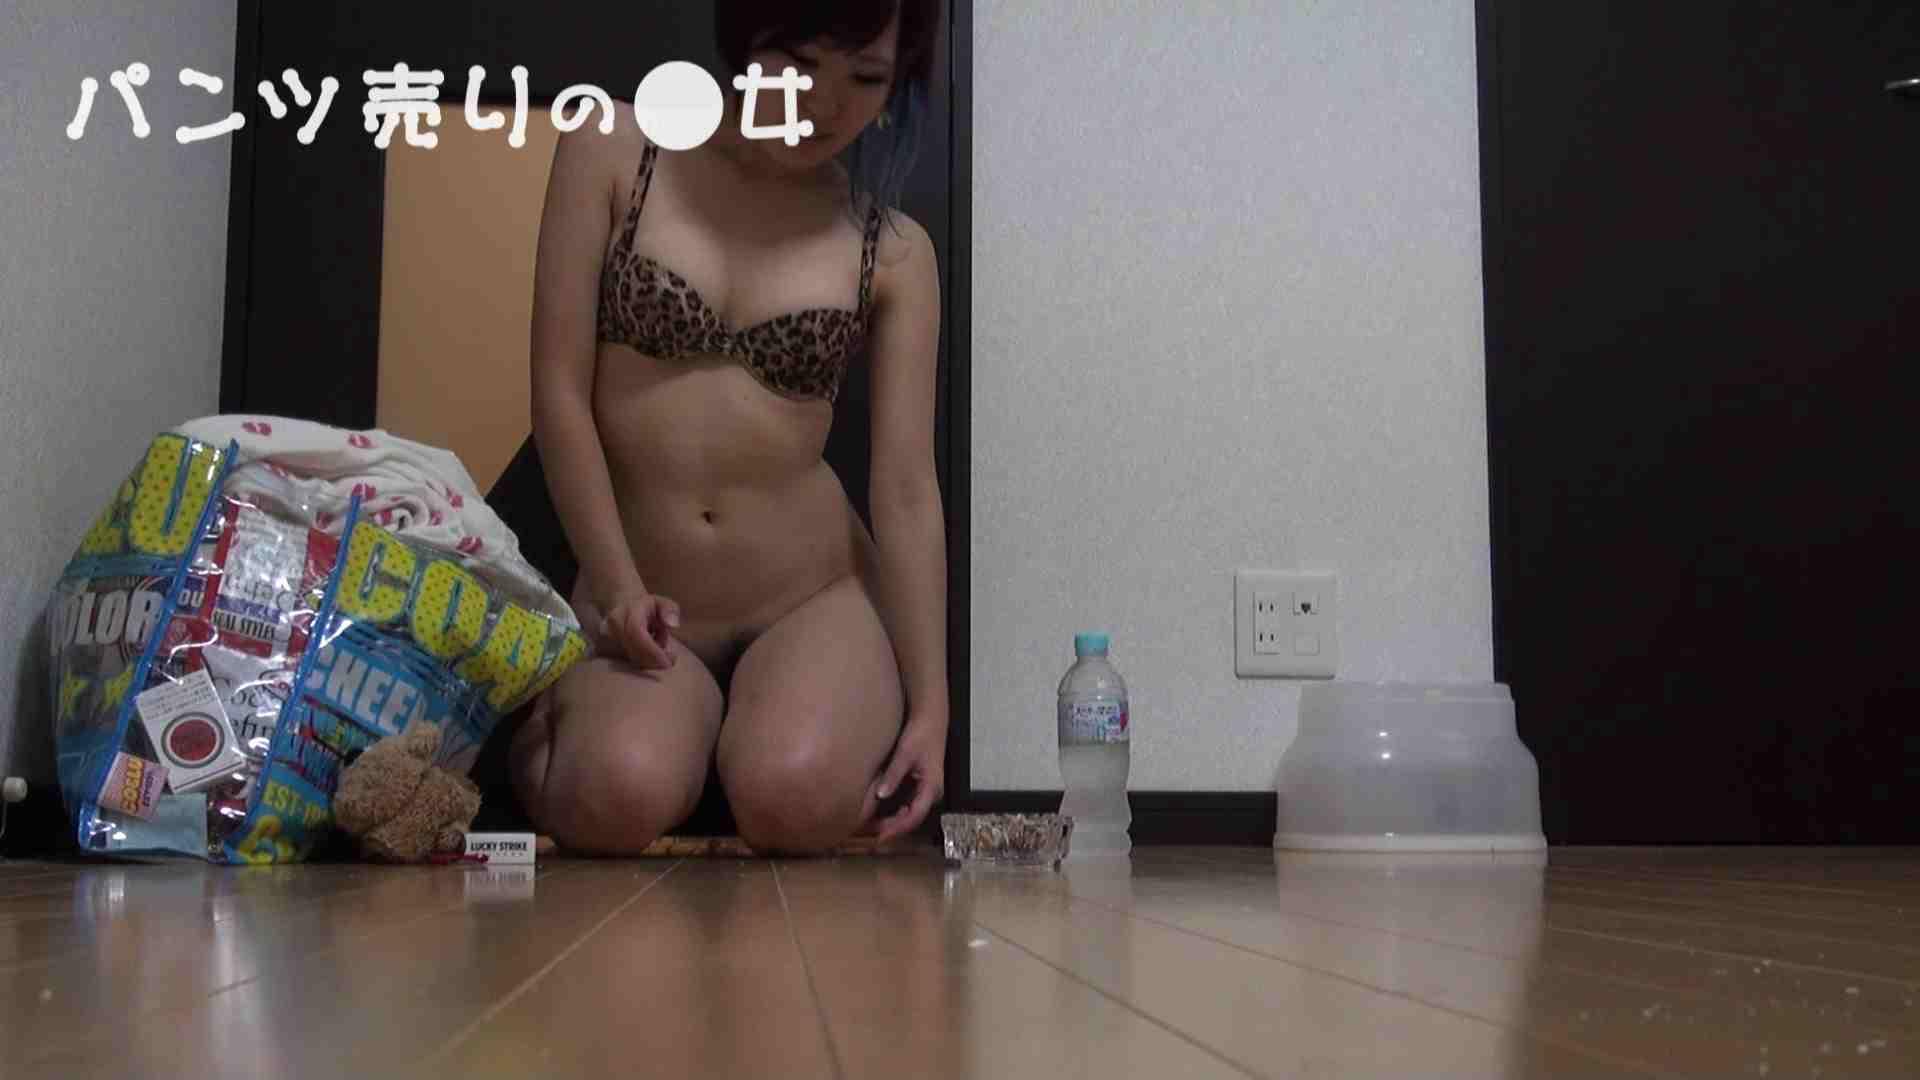 新説 パンツ売りの女の子nana02 おまんこ   無修正マンコ  102連発 16